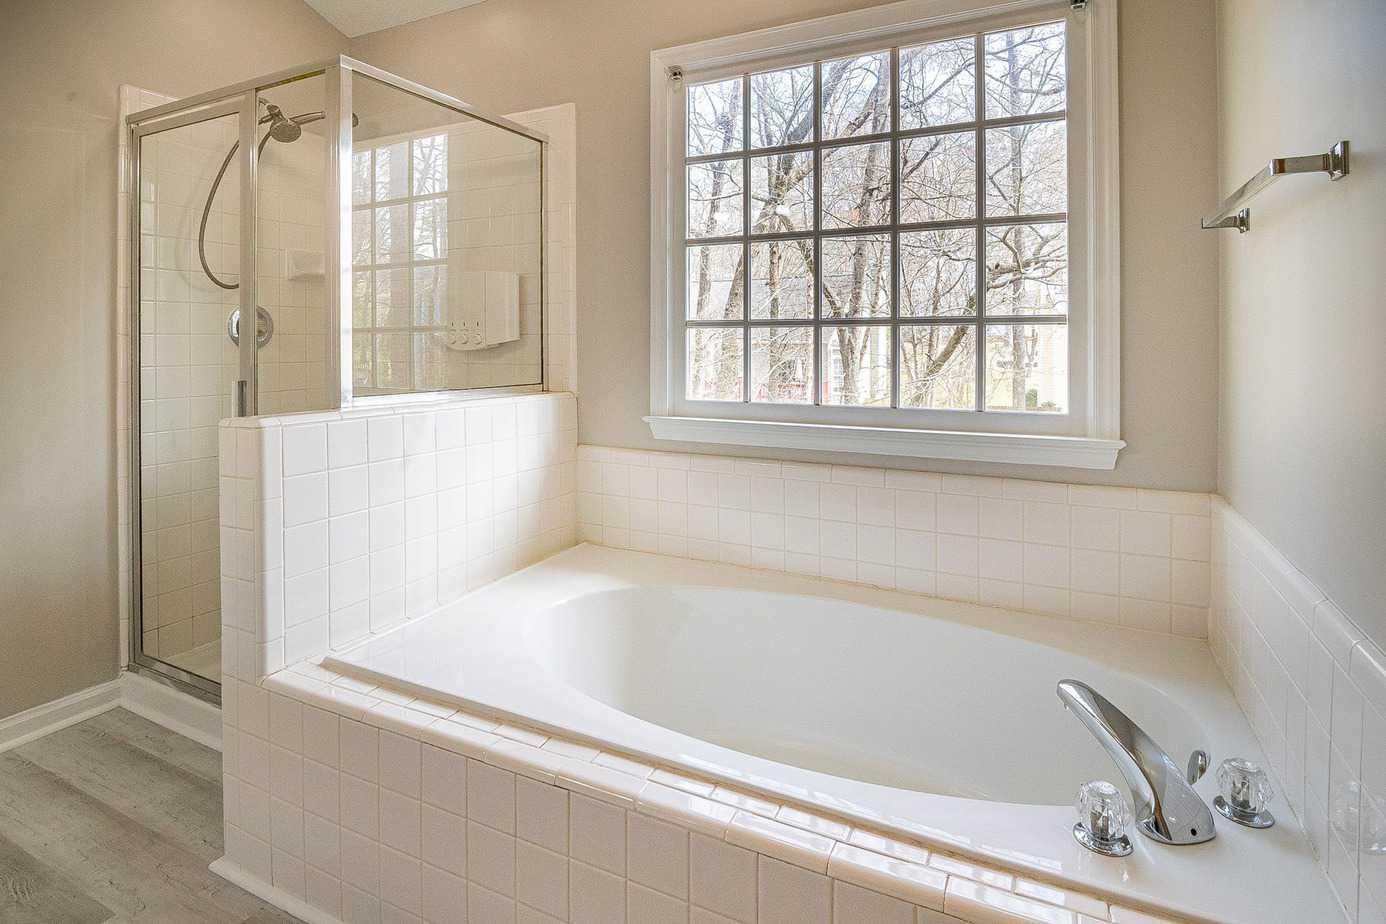 Wie lange müssen Fugen in der Dusche trocknen?